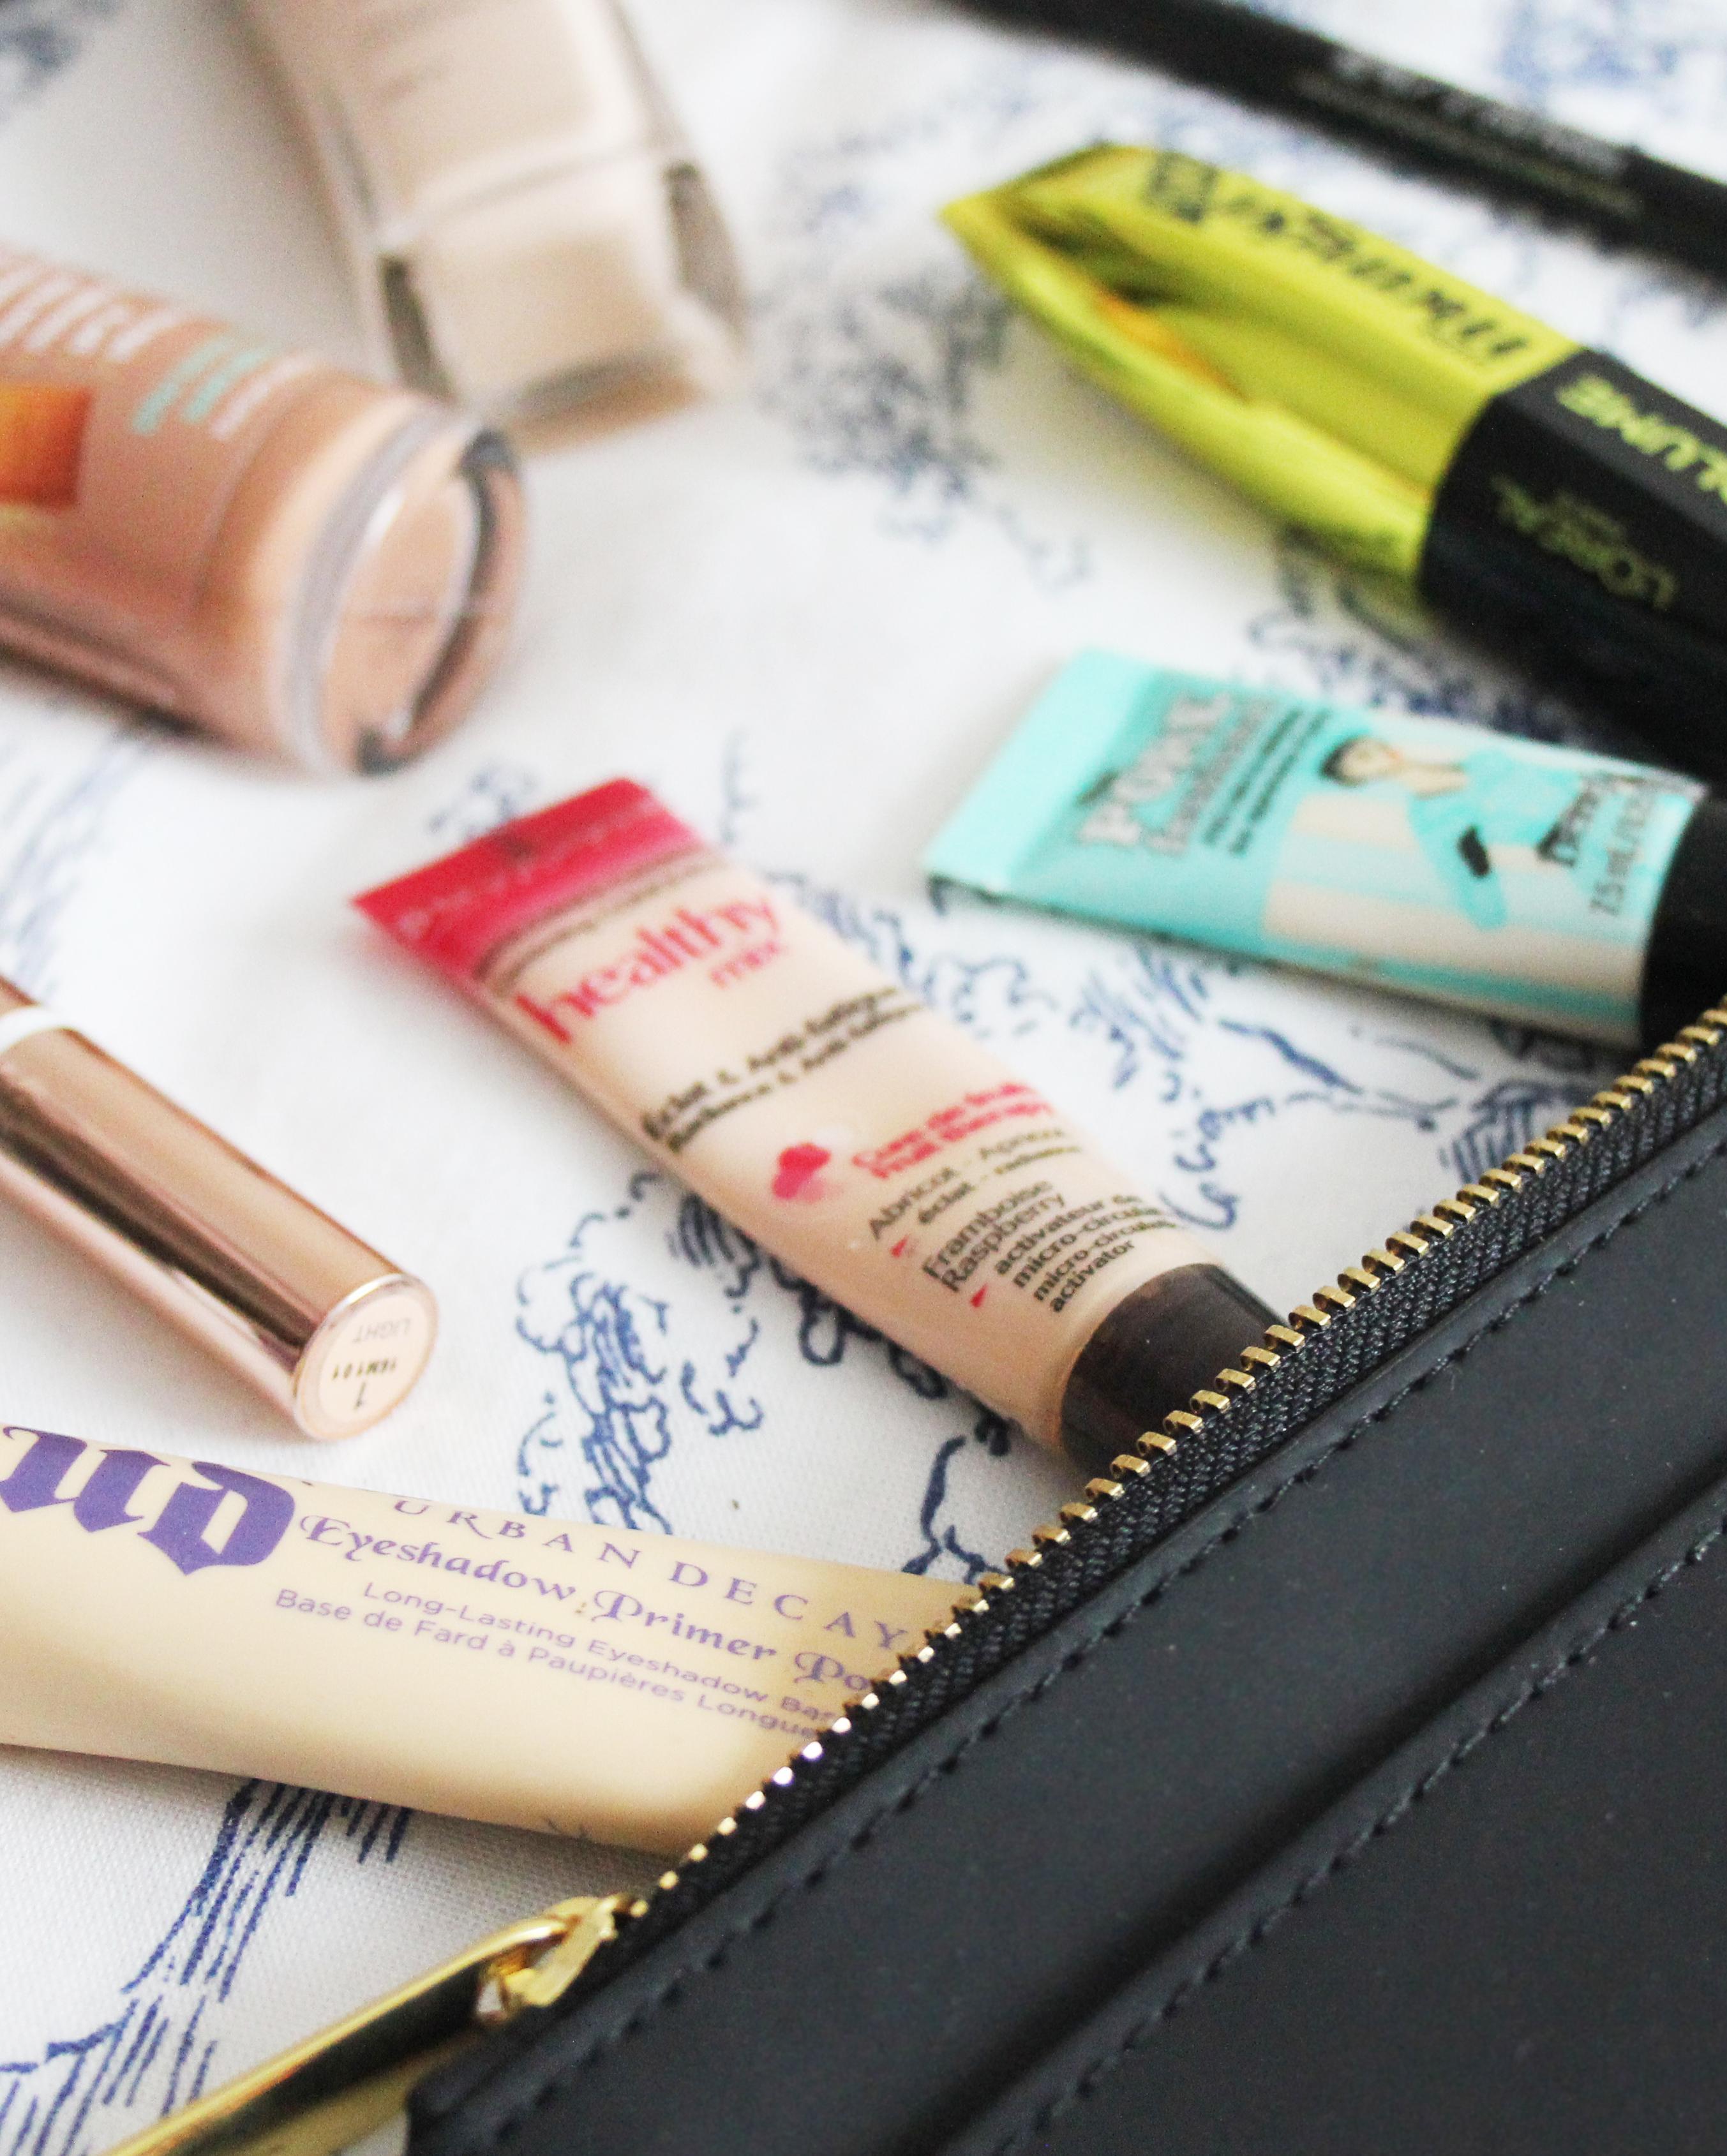 makeup-bag-contents-0515